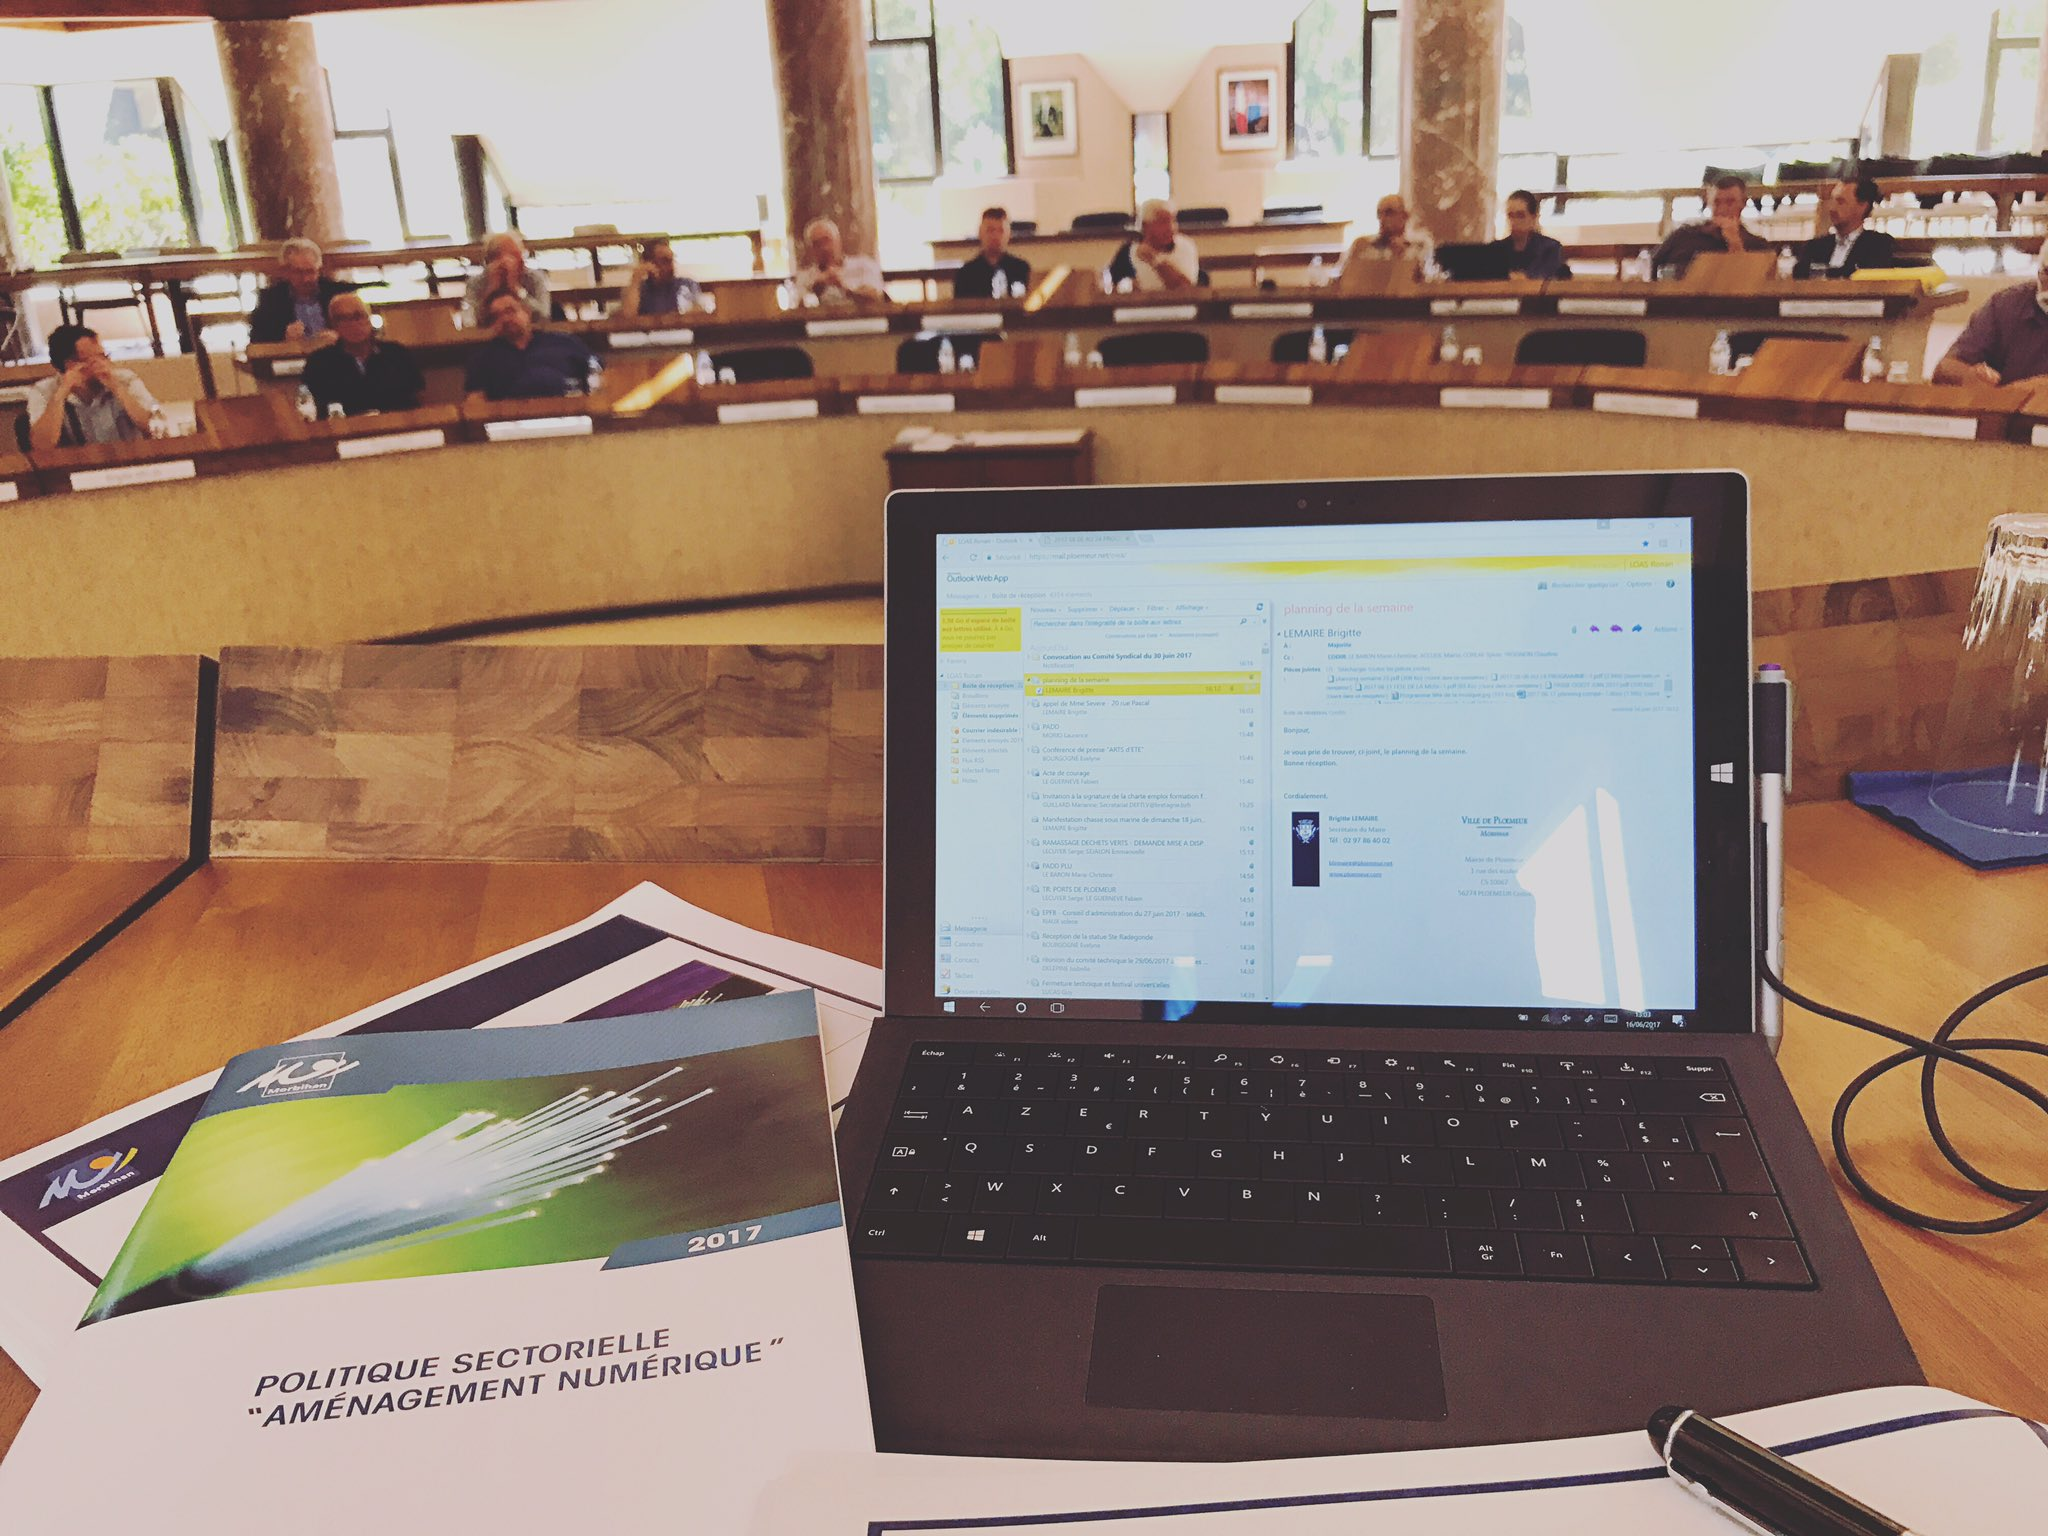 Comité de pilotage avec toutes les intercommunalités (EPCI) du #Morbihan. Évoquons l'état d'avancement du projet Bretagne Très Haut Débit https://t.co/Da6vxVz2LL